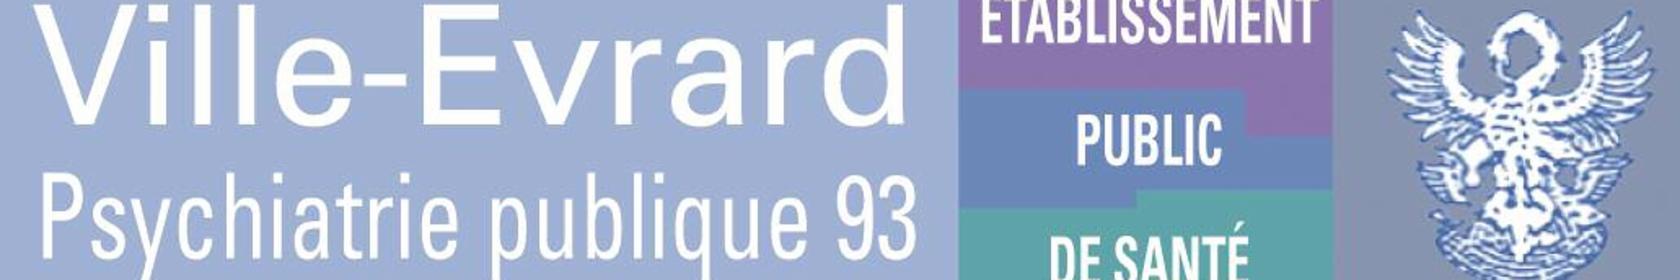 Accompagner vers la Belgique : les pratiques professionnelles des assistantes sociales de l'EPS Ville-Evrard